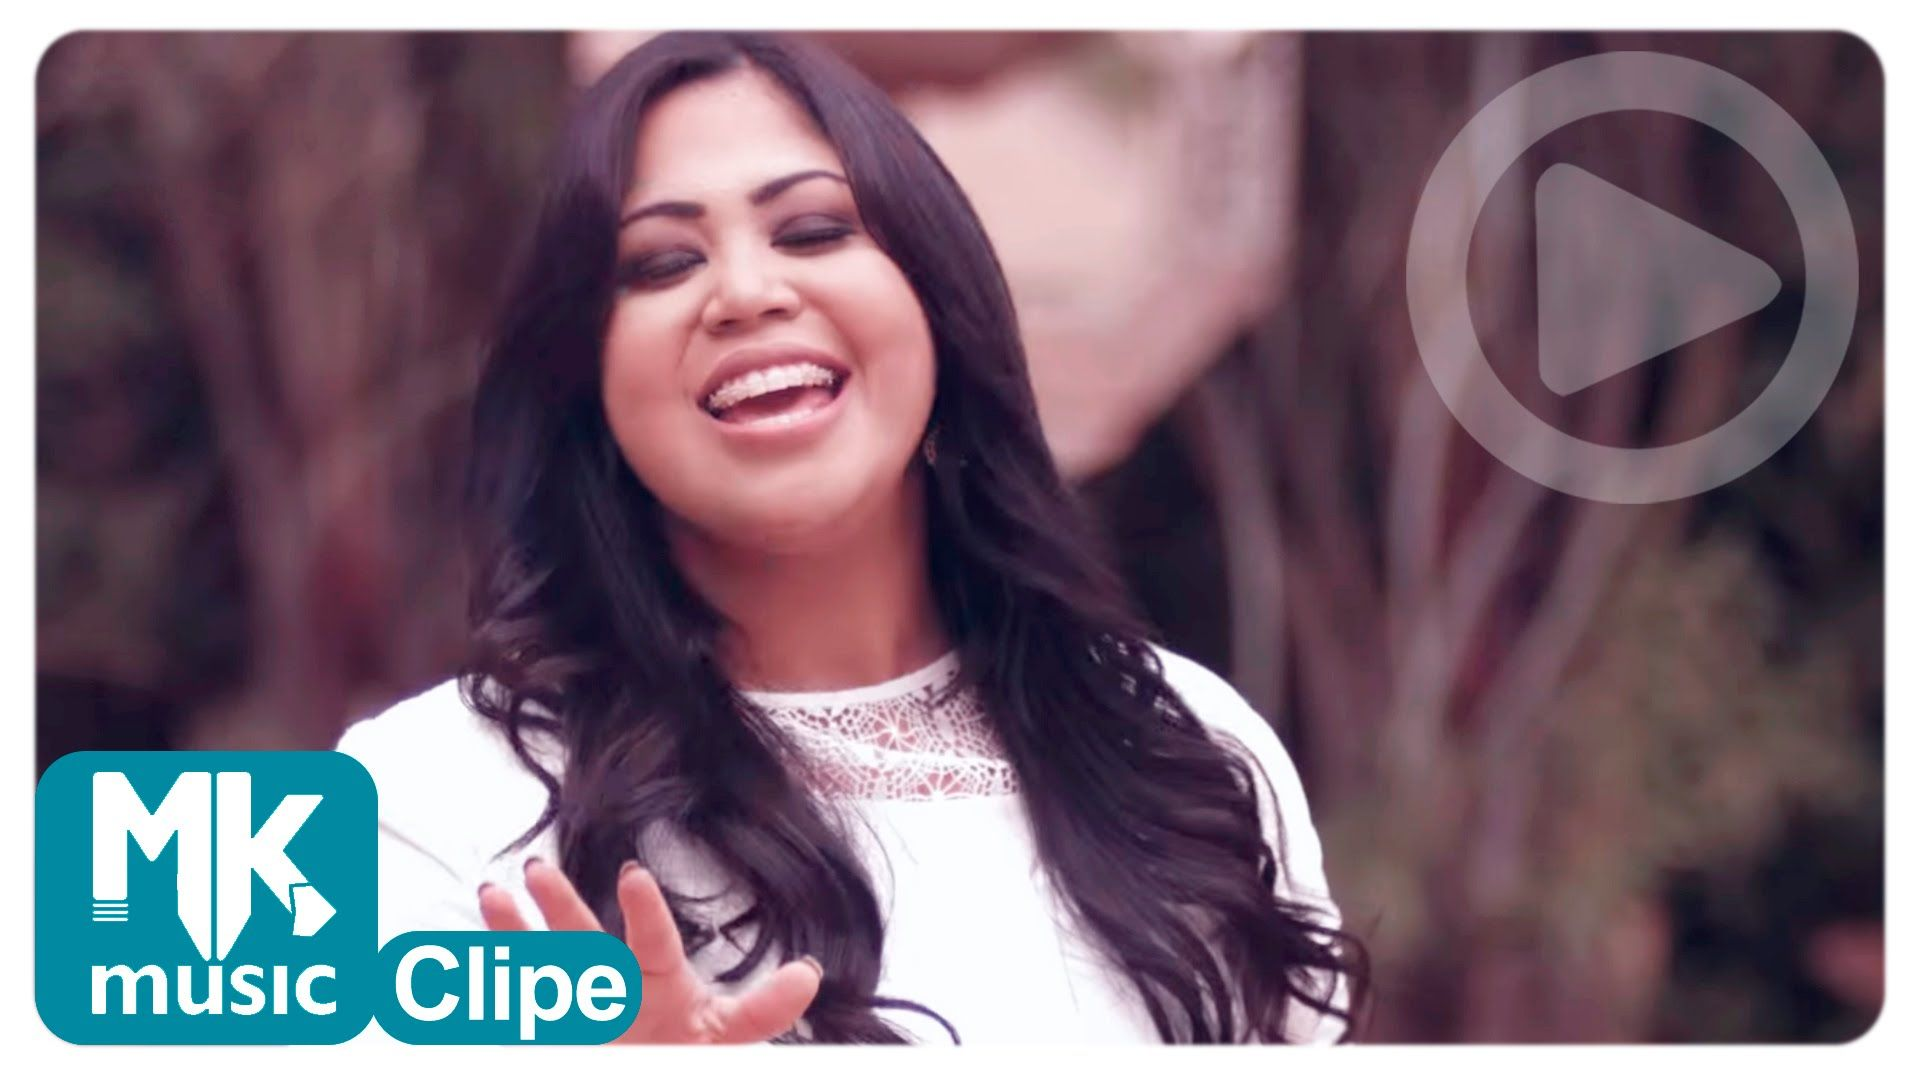 Gisele Nascimento - Janelas Da Alma (Clipe Oficial MK Music em HD)